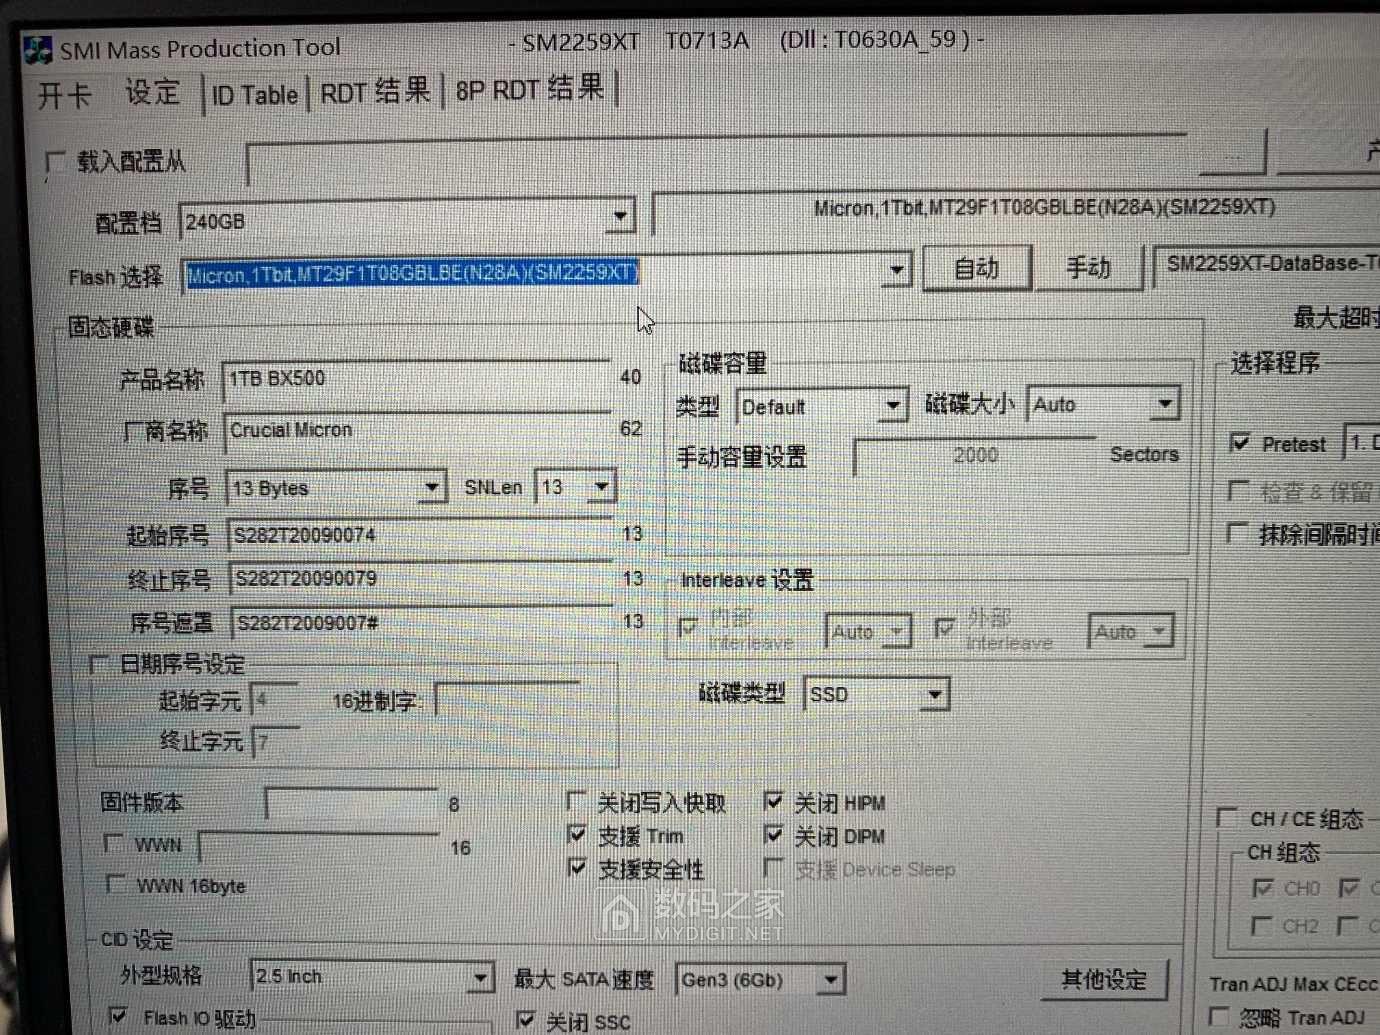 6976CE6B-1D49-4E89-9019-550DD520F738.jpeg